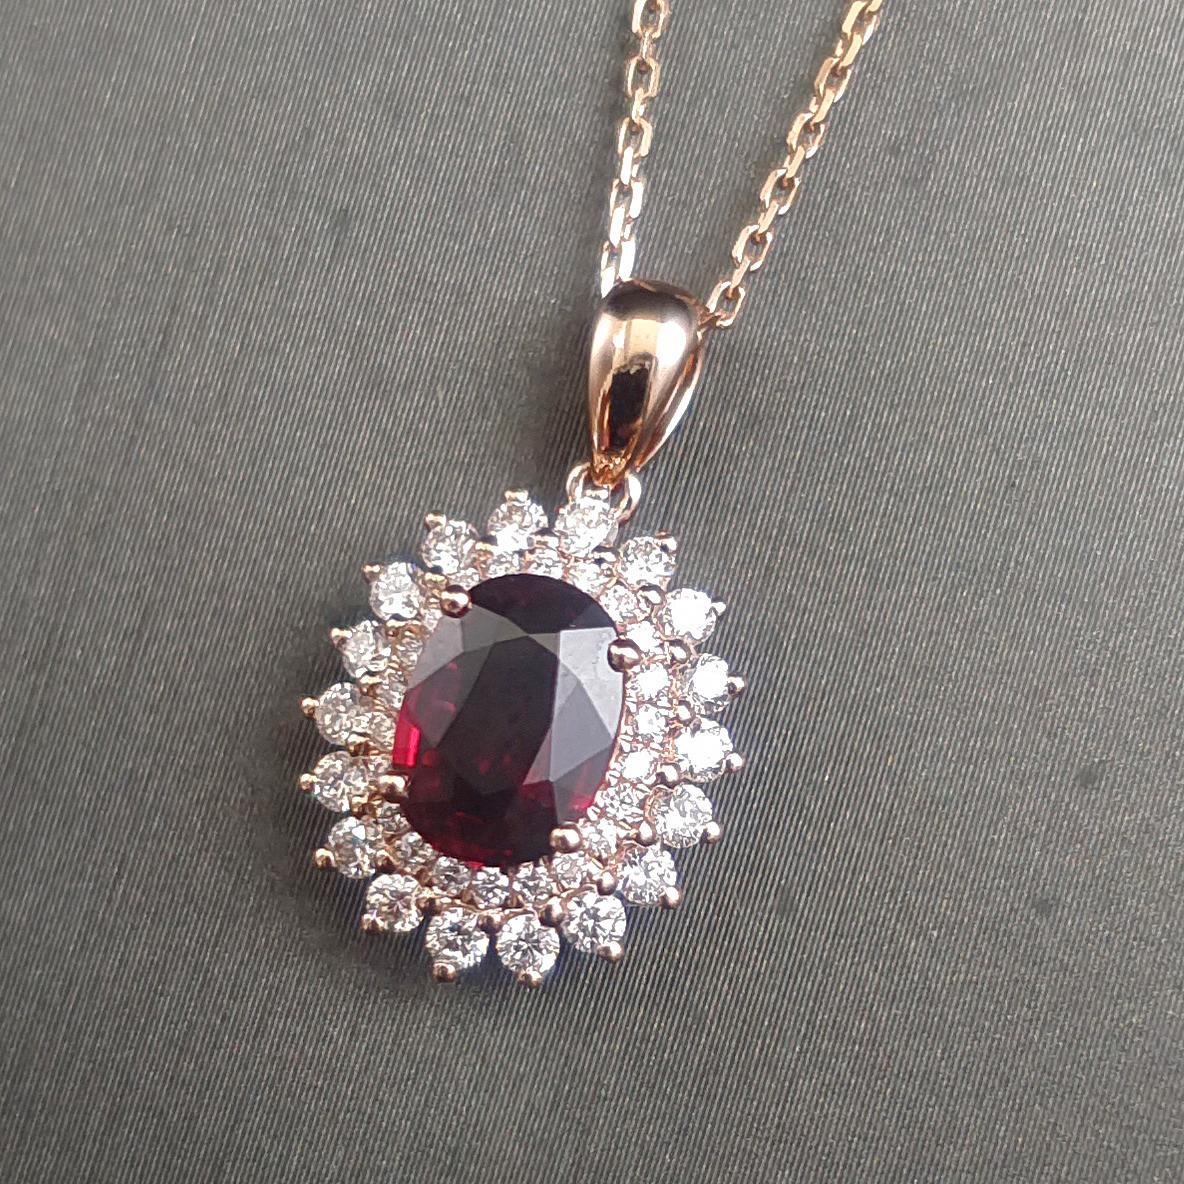 【【吊坠】18K金+红宝石(无烧)+钻石 宝石颜色纯正 主石:1.02ct/P 货重:2.30g】图3